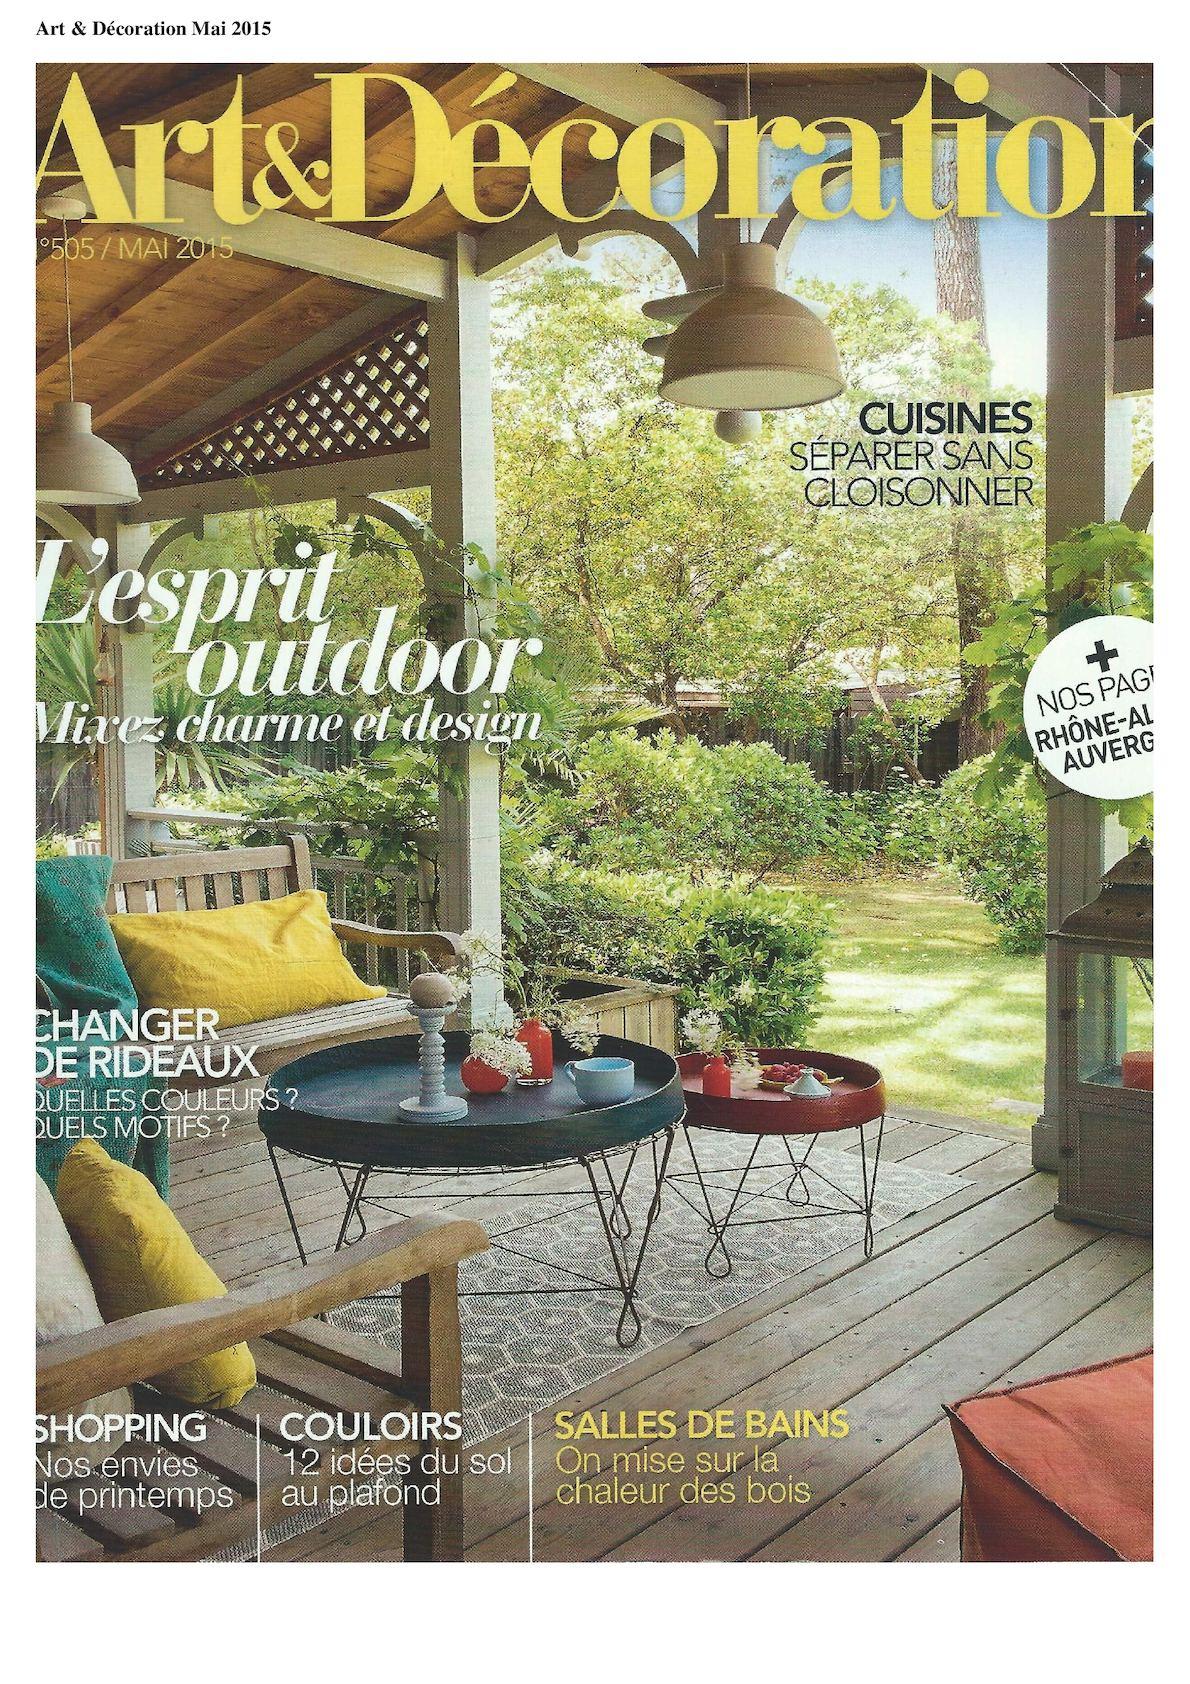 Magazine Art Et Décoration calaméo - art & decoration e mai 2015